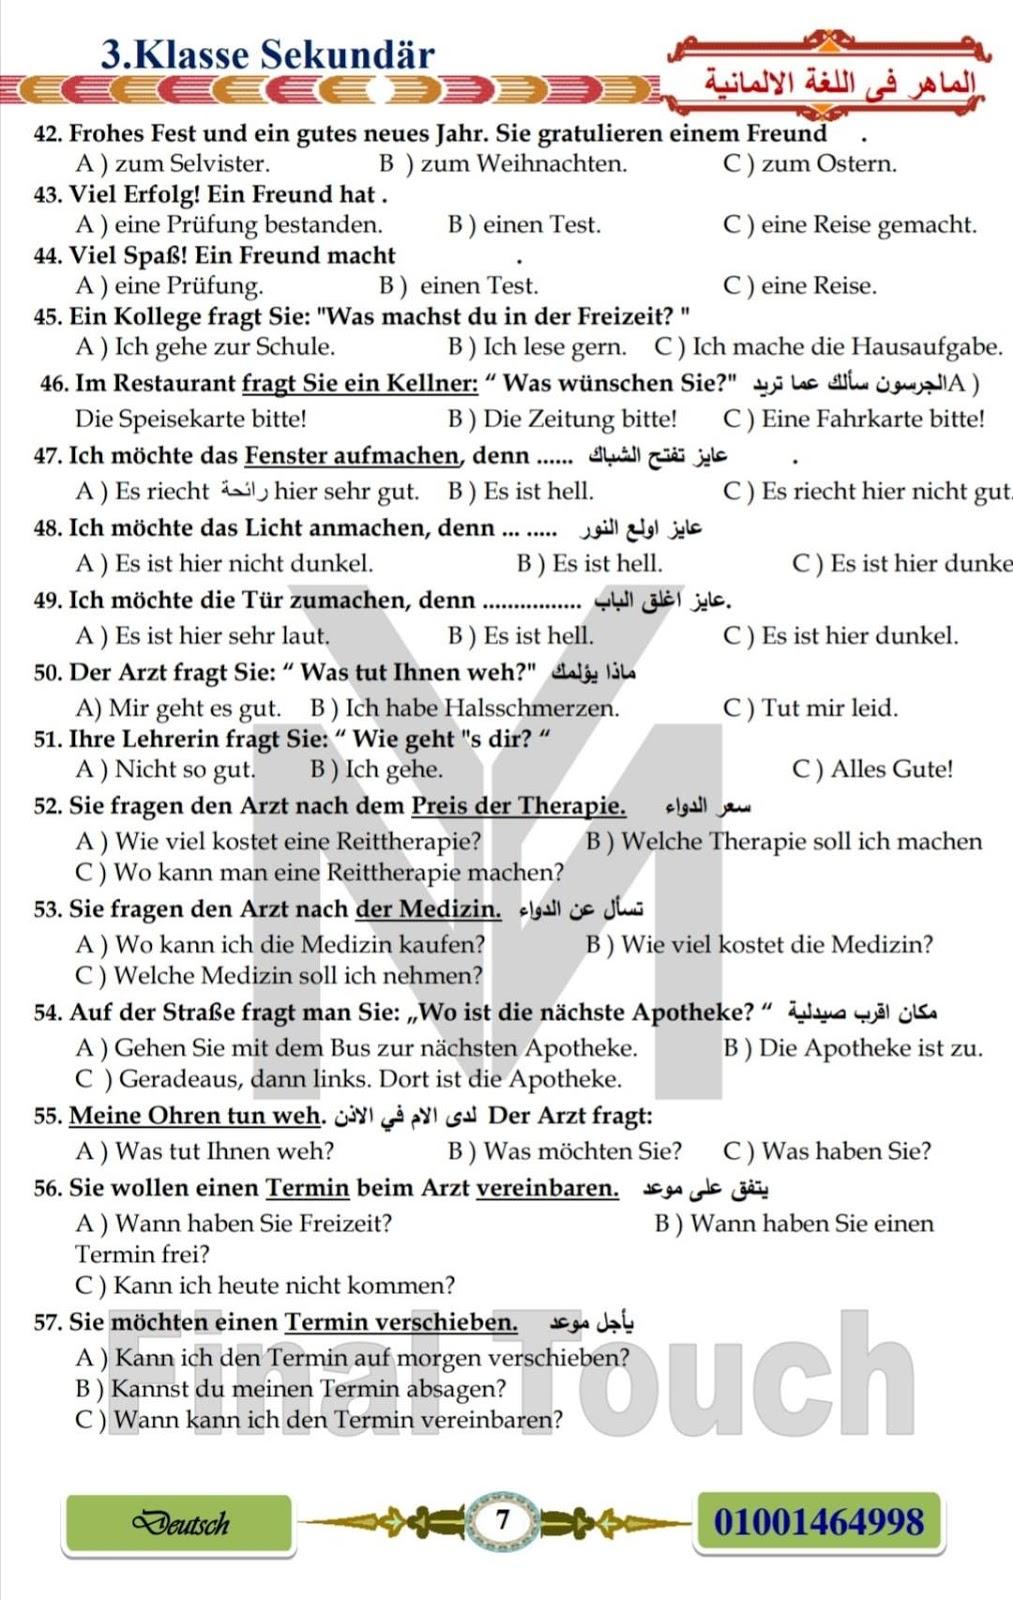 مراجعة اللغة الألمانية.. أهم أسئلة ليلة امتحان الثانوية العامة هير / يحيي ماهر 7